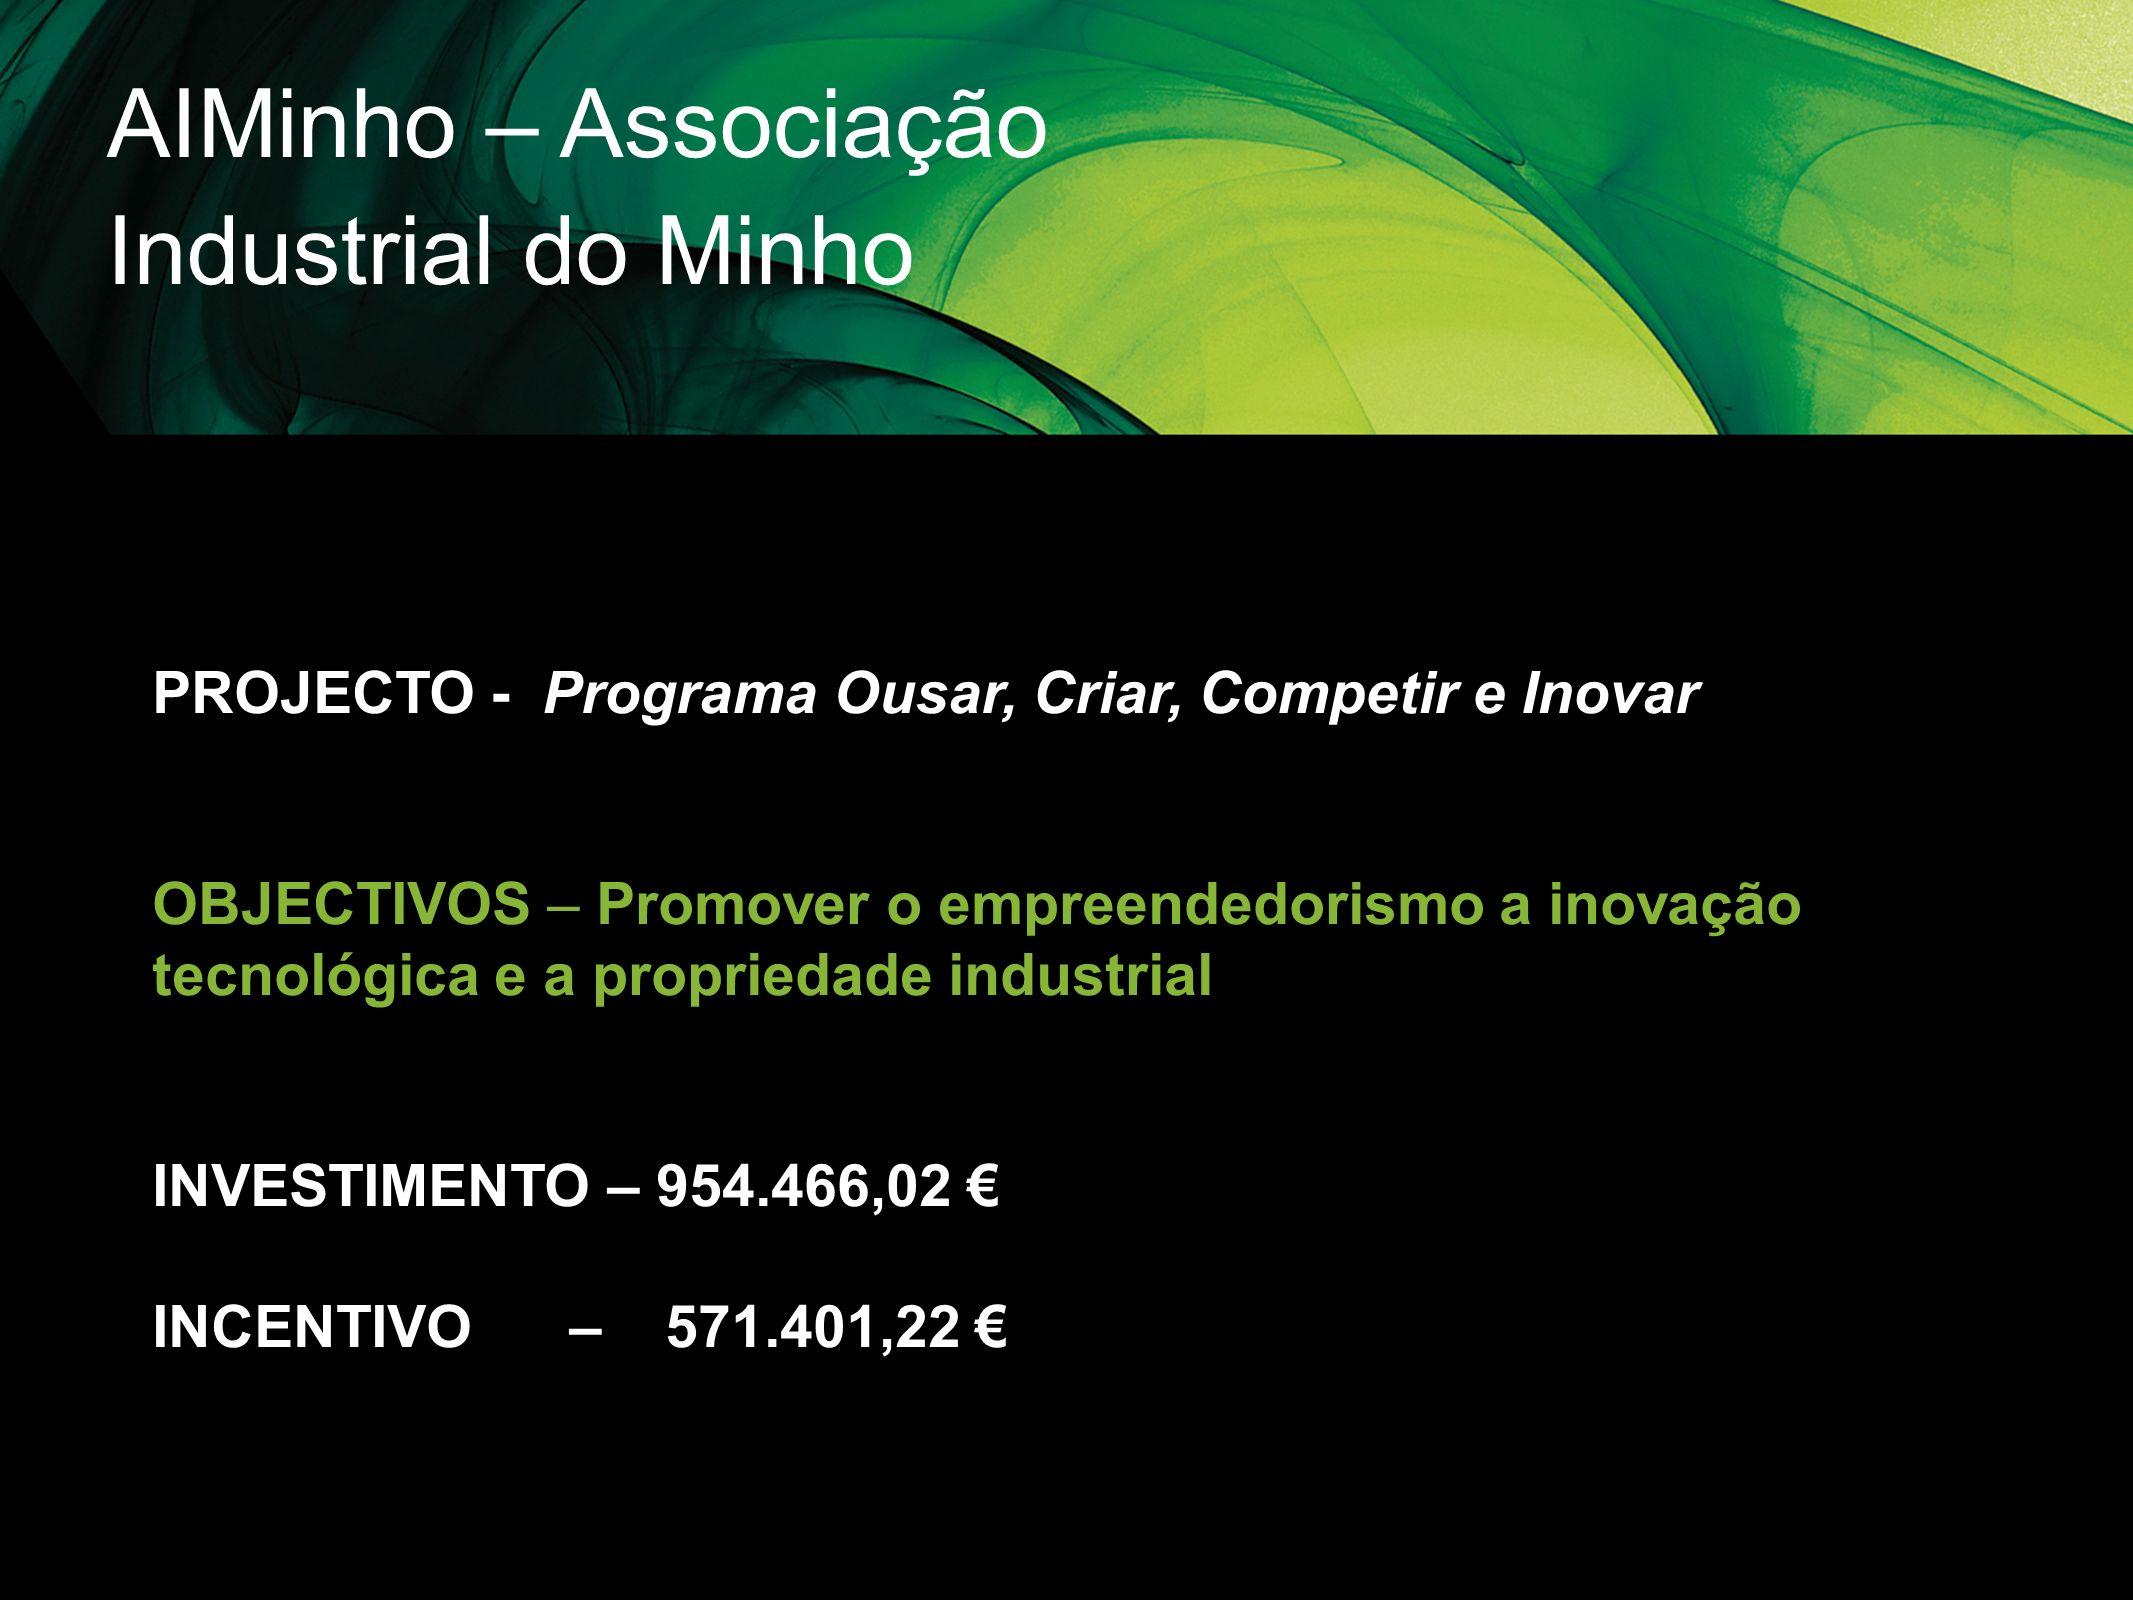 AIMinho – Associação Industrial do Minho PROJECTO - Programa Ousar, Criar, Competir e Inovar OBJECTIVOS – Promover o empreendedorismo a inovação tecno